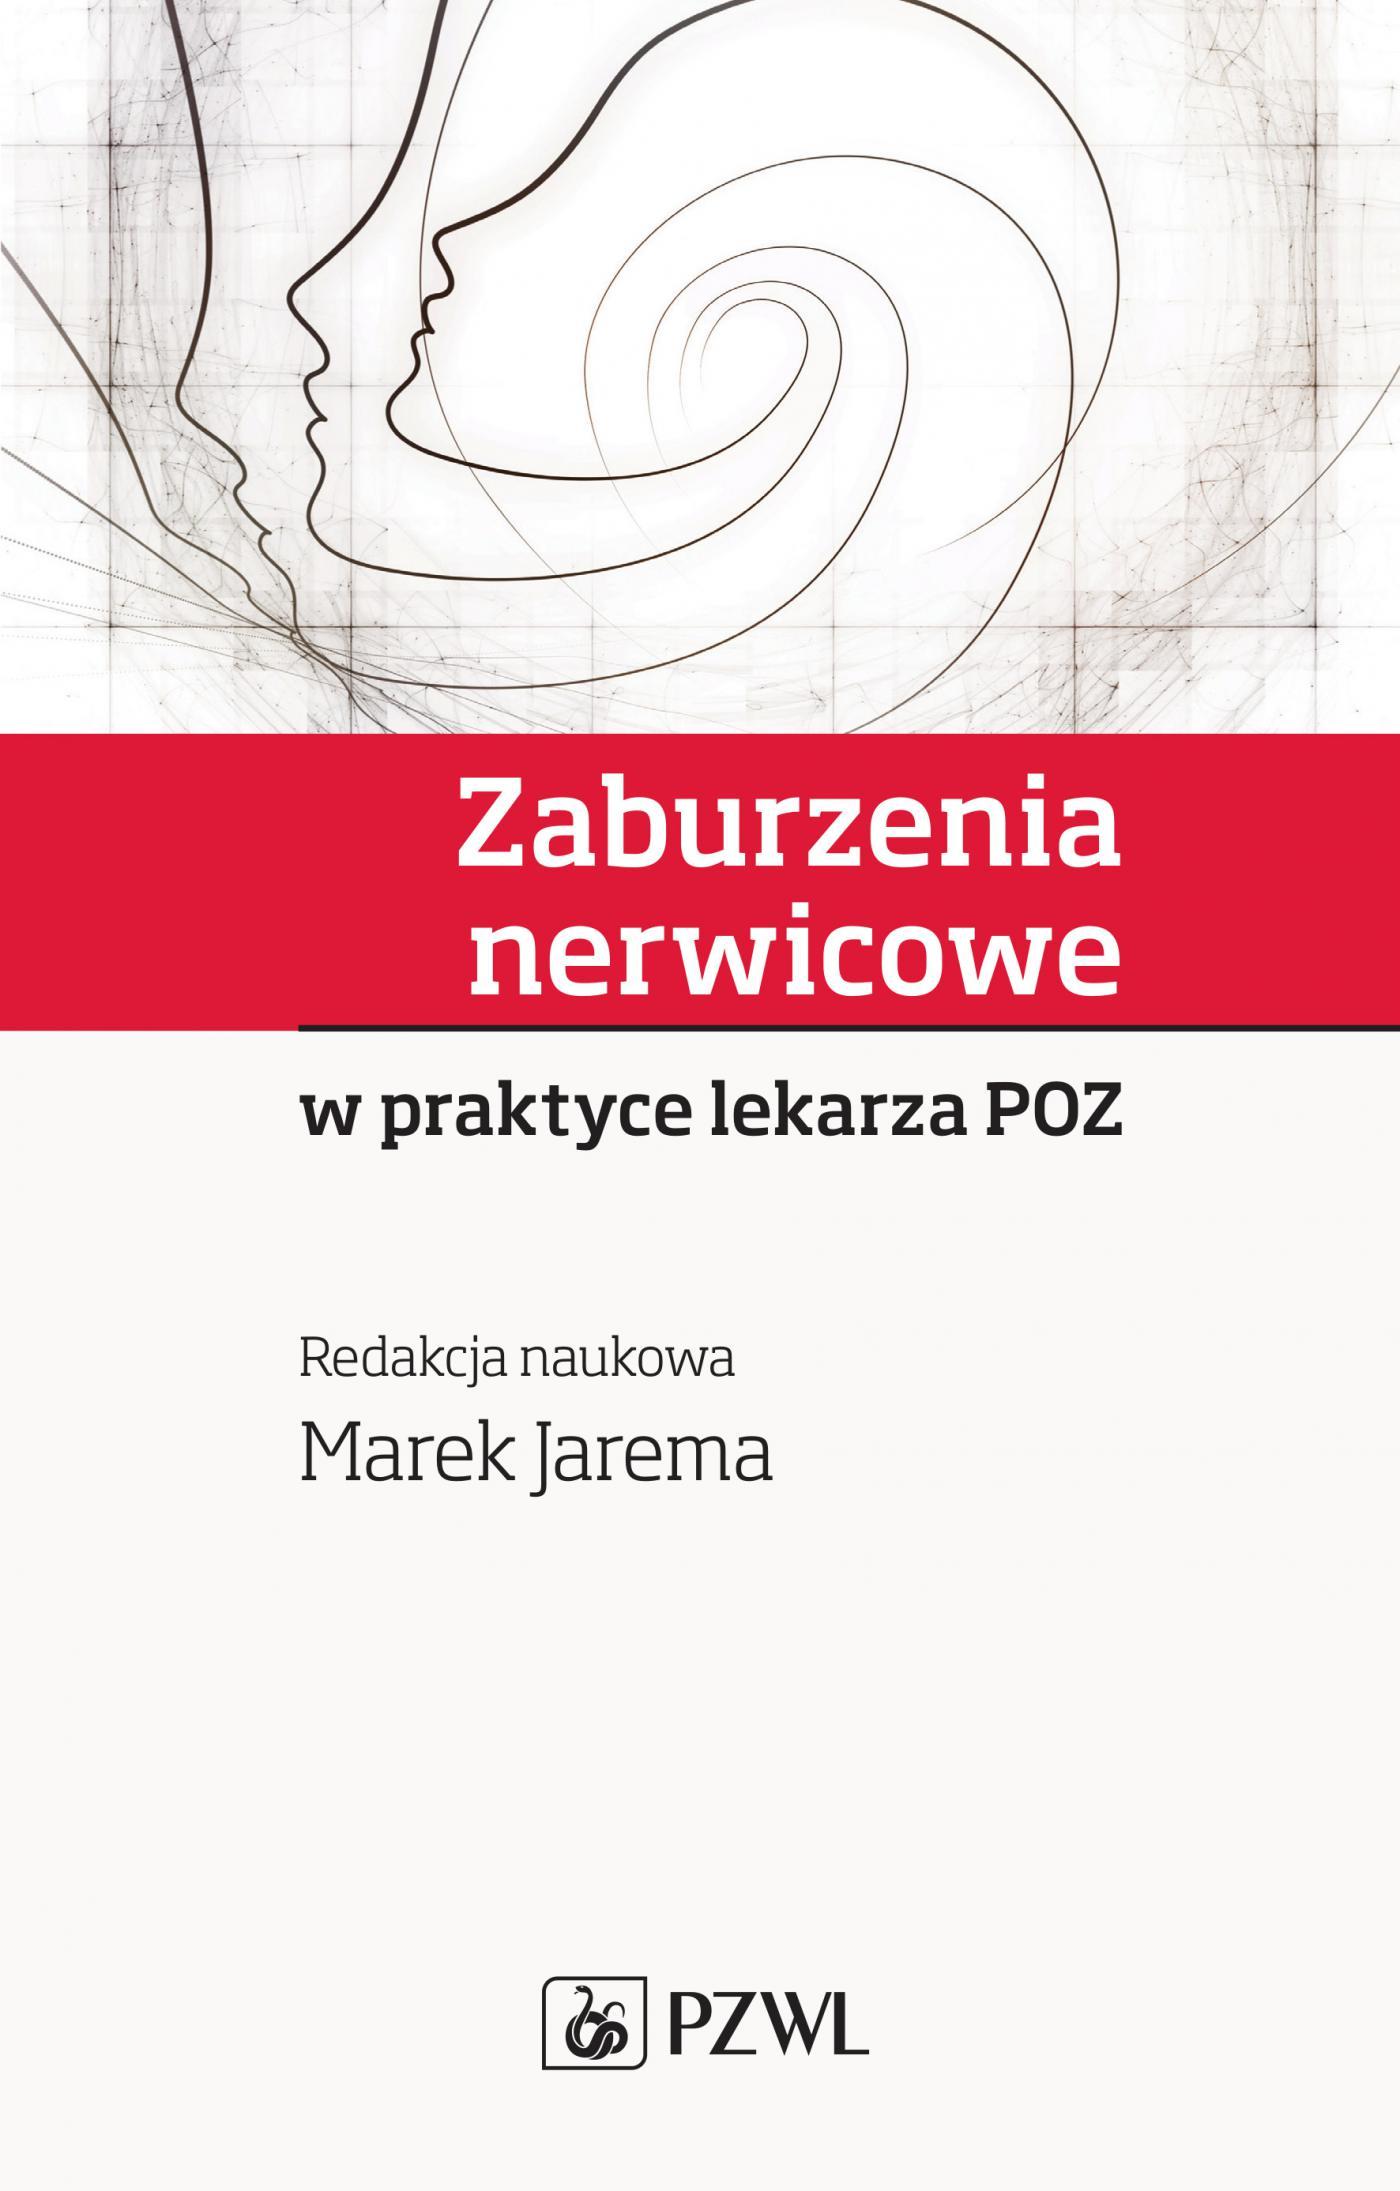 Zaburzenia nerwicowe w praktyce lekarza POZ - Ebook (Książka EPUB) do pobrania w formacie EPUB